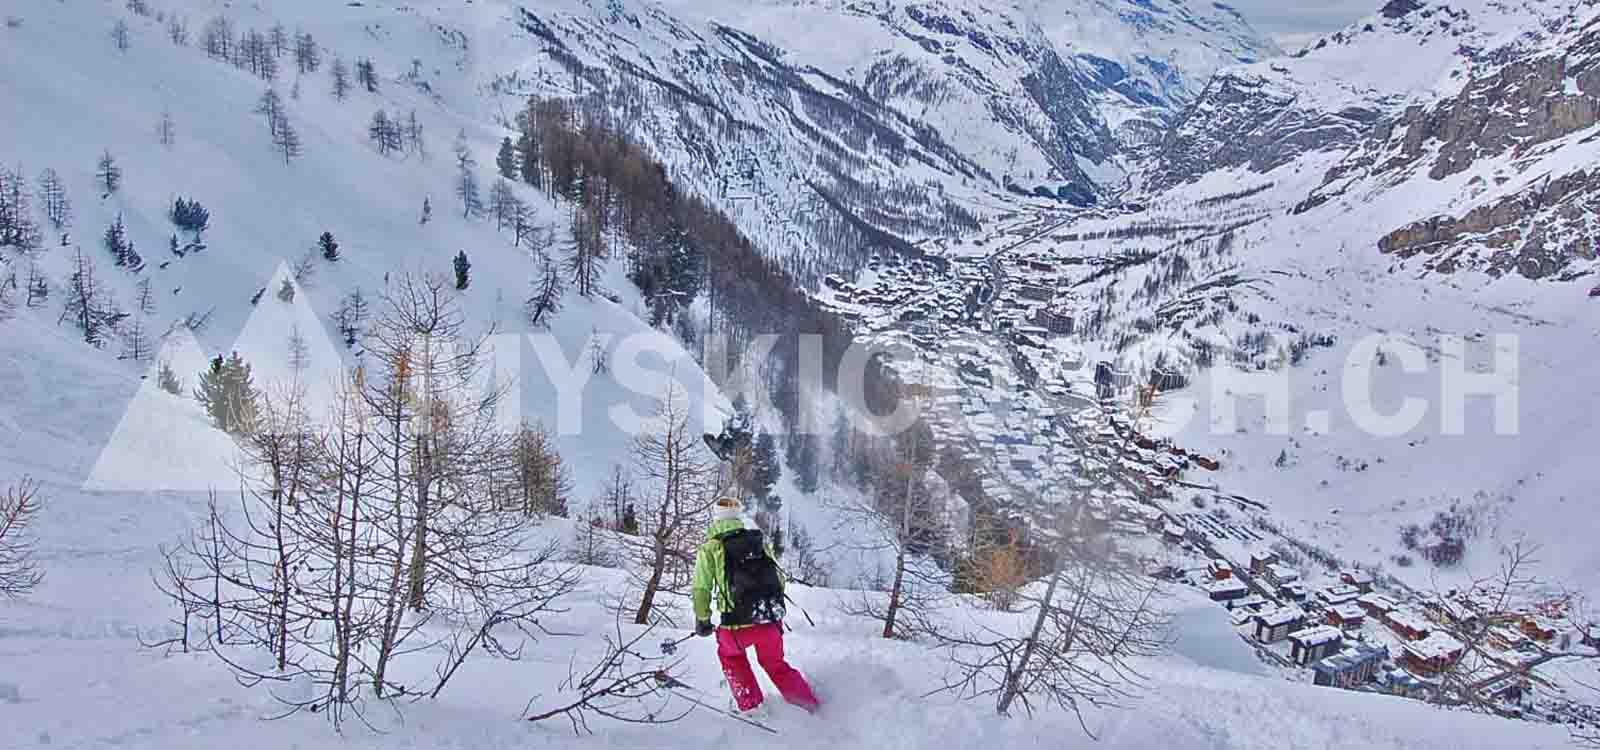 Freeride val d'Isère-Tignes-Espace Killy : Couloir du Lavancher